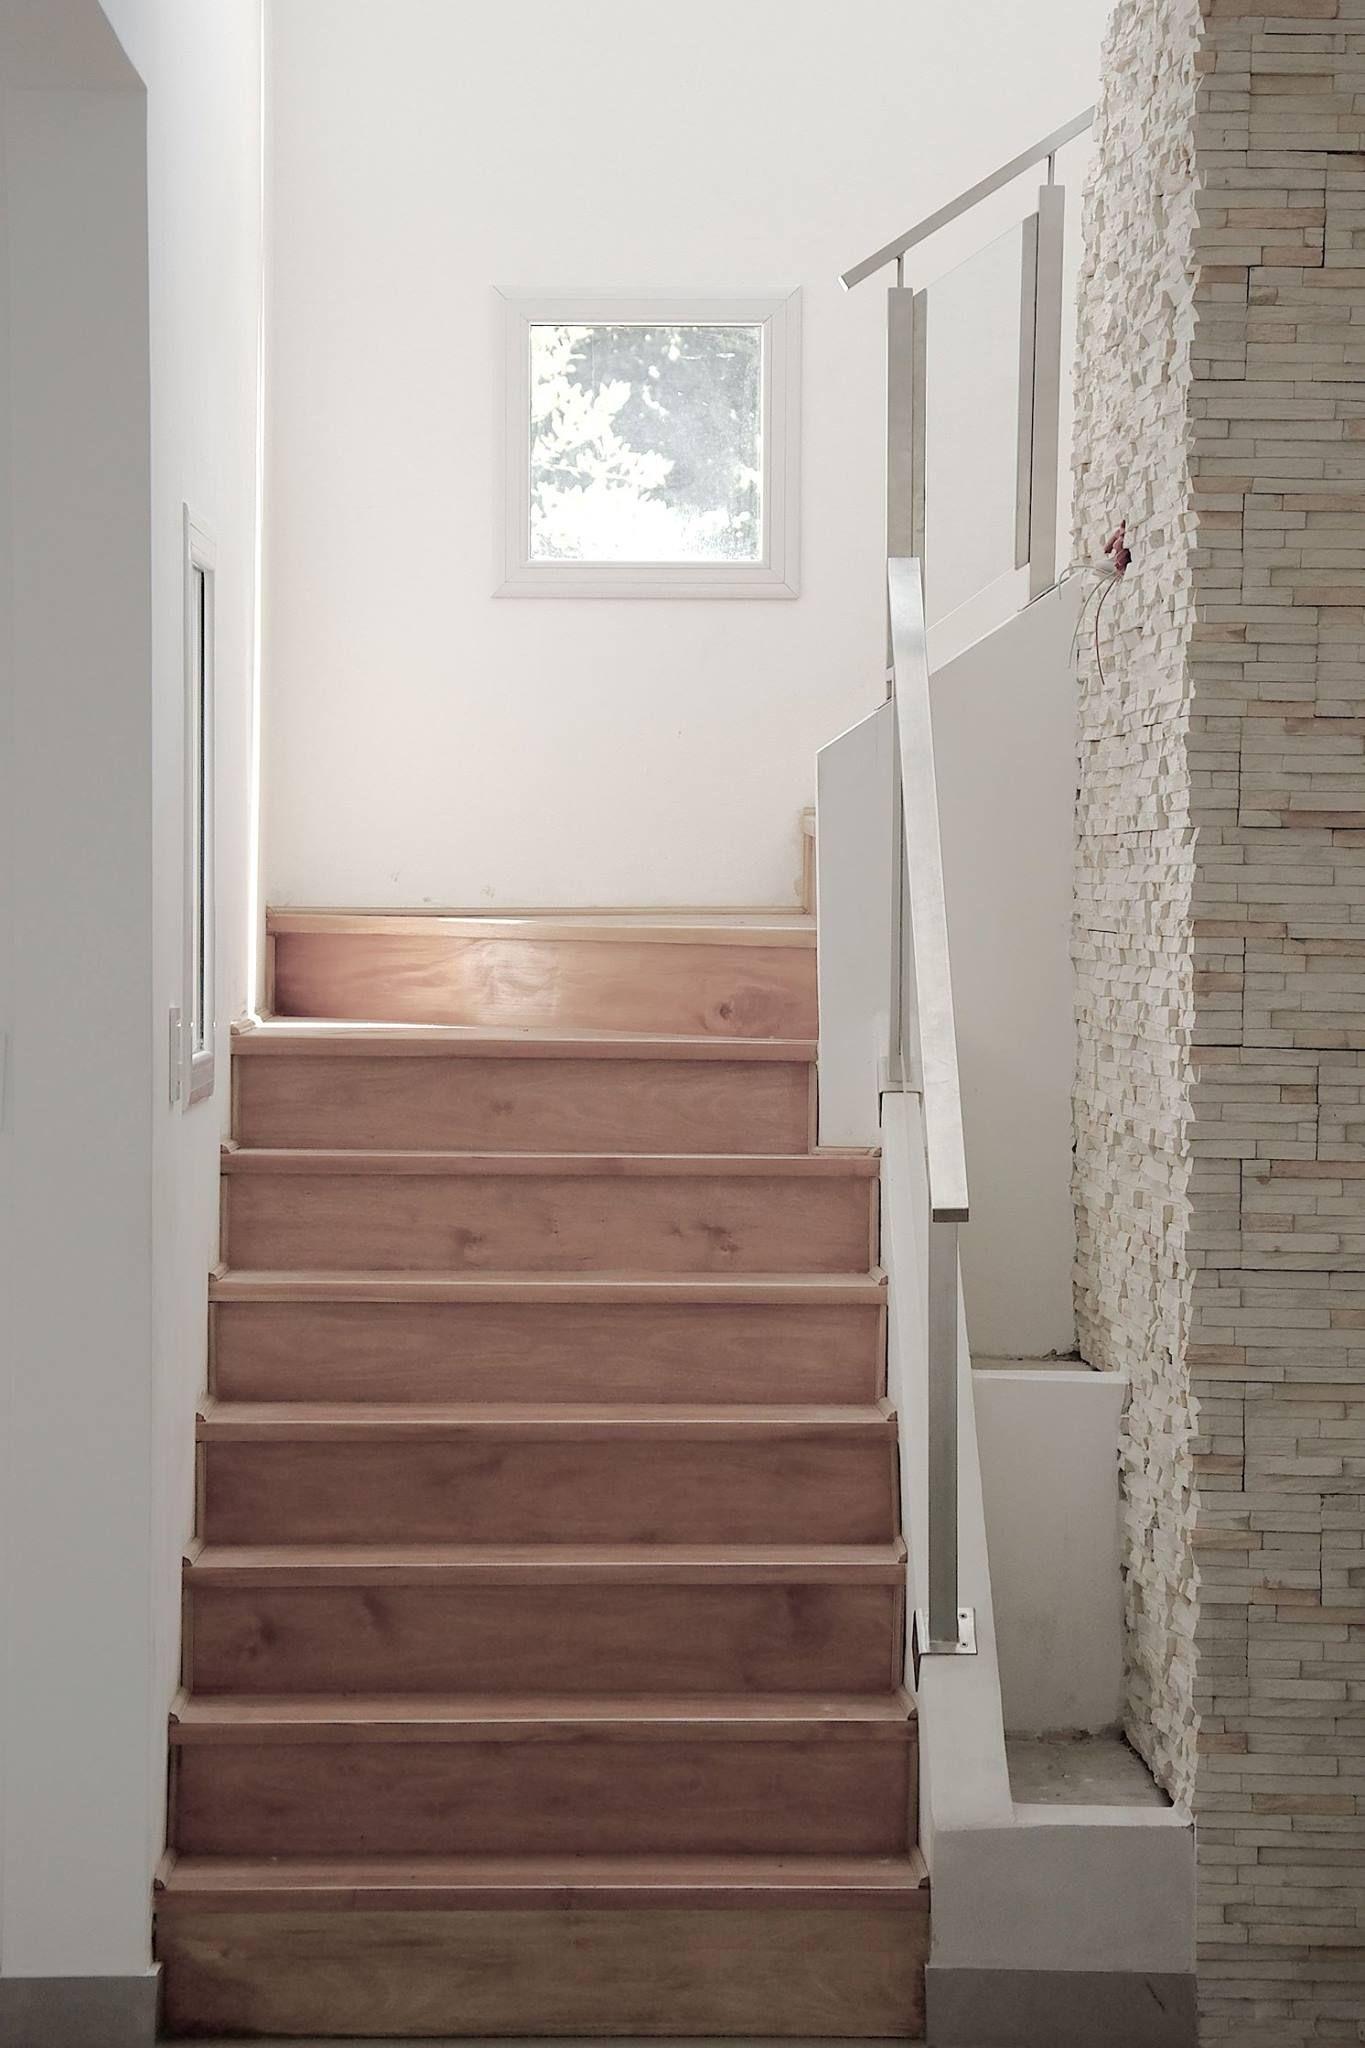 Escalera de estructura met lica y escalones de madera - Viviendas de acero ...